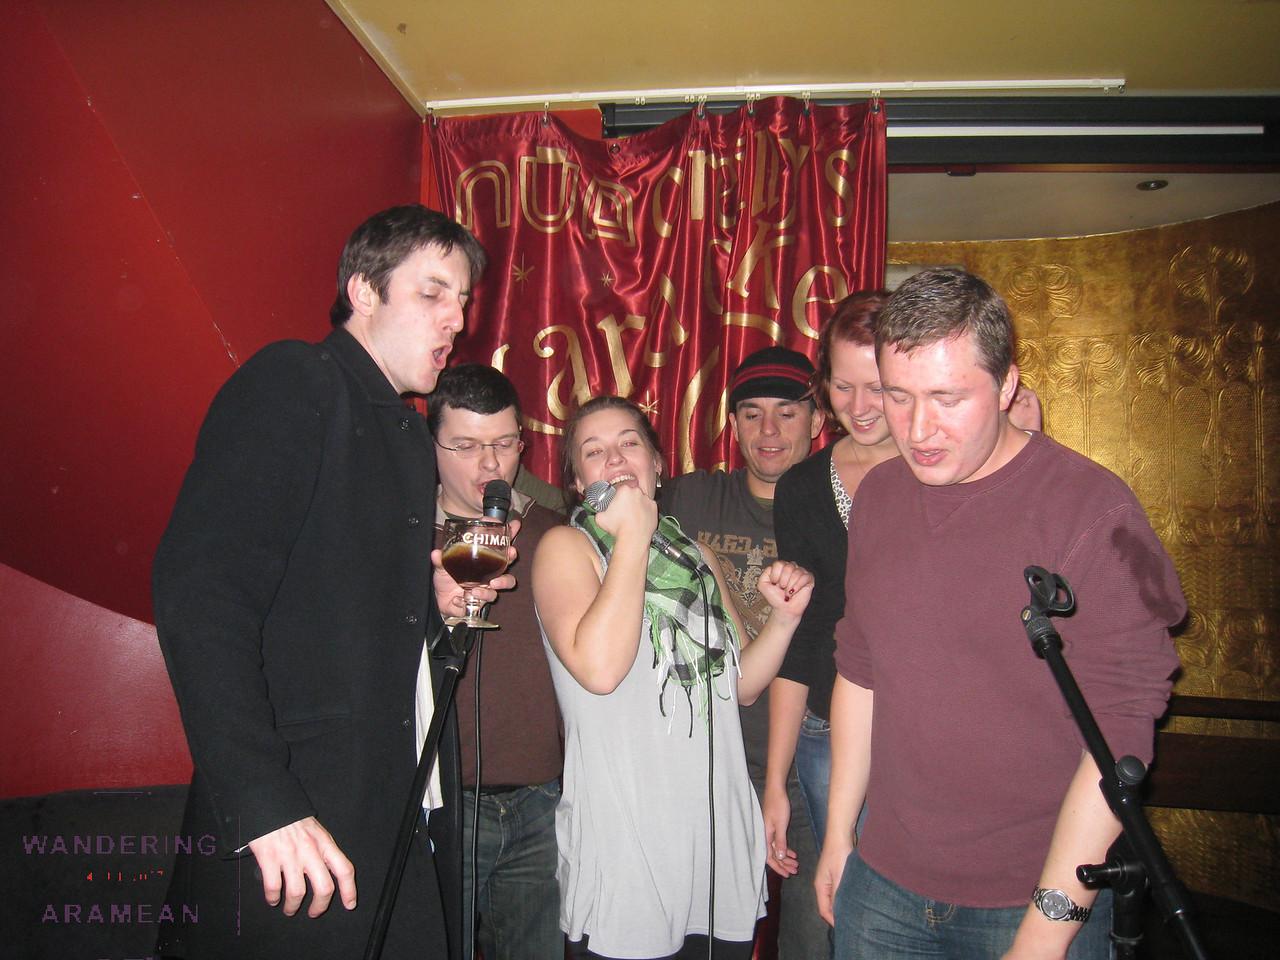 Drunken karaoke - always a good time!